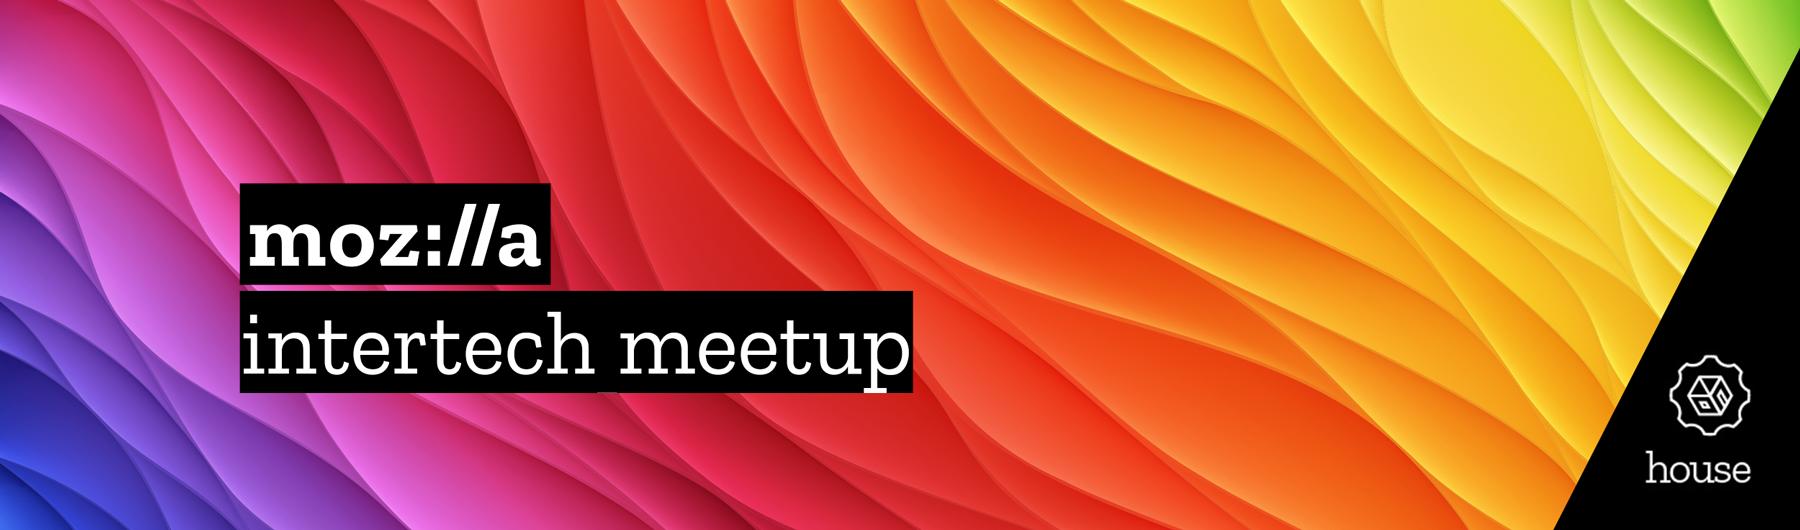 Intertech Meetup at MozFest House